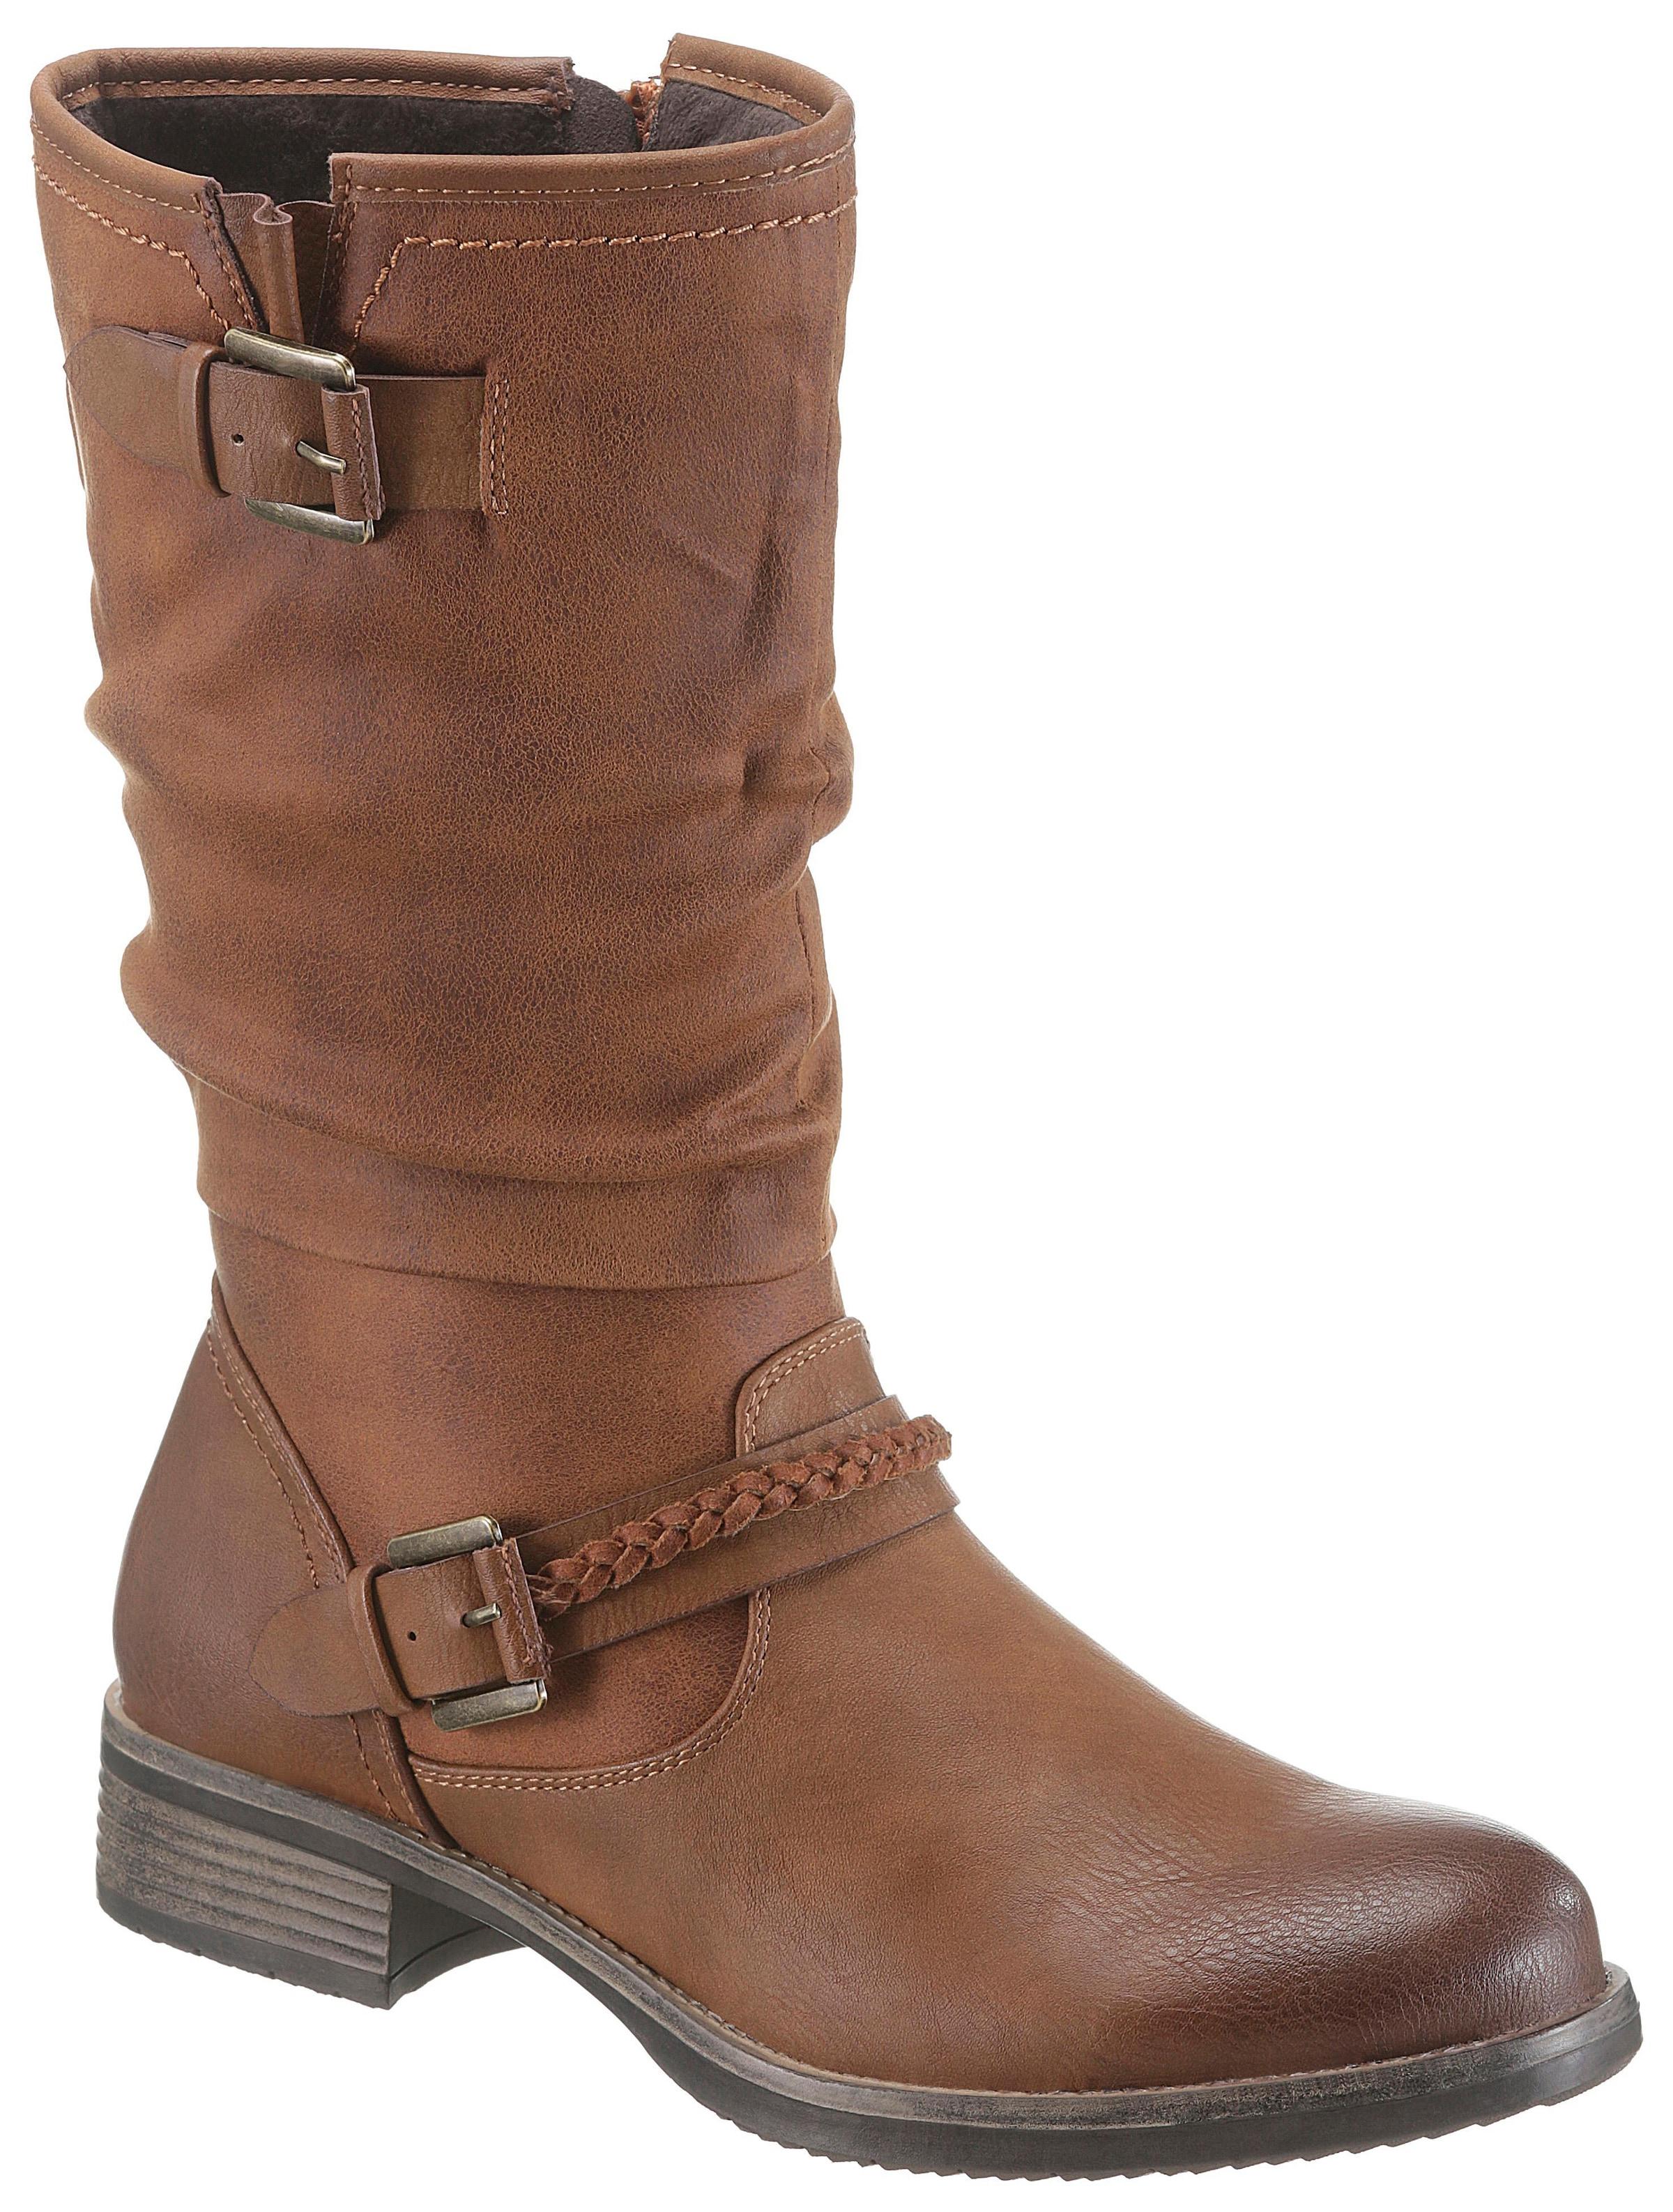 Rieker Stiefel mit einer Schafthöhe online kaufen | BAUR Y5cvZ